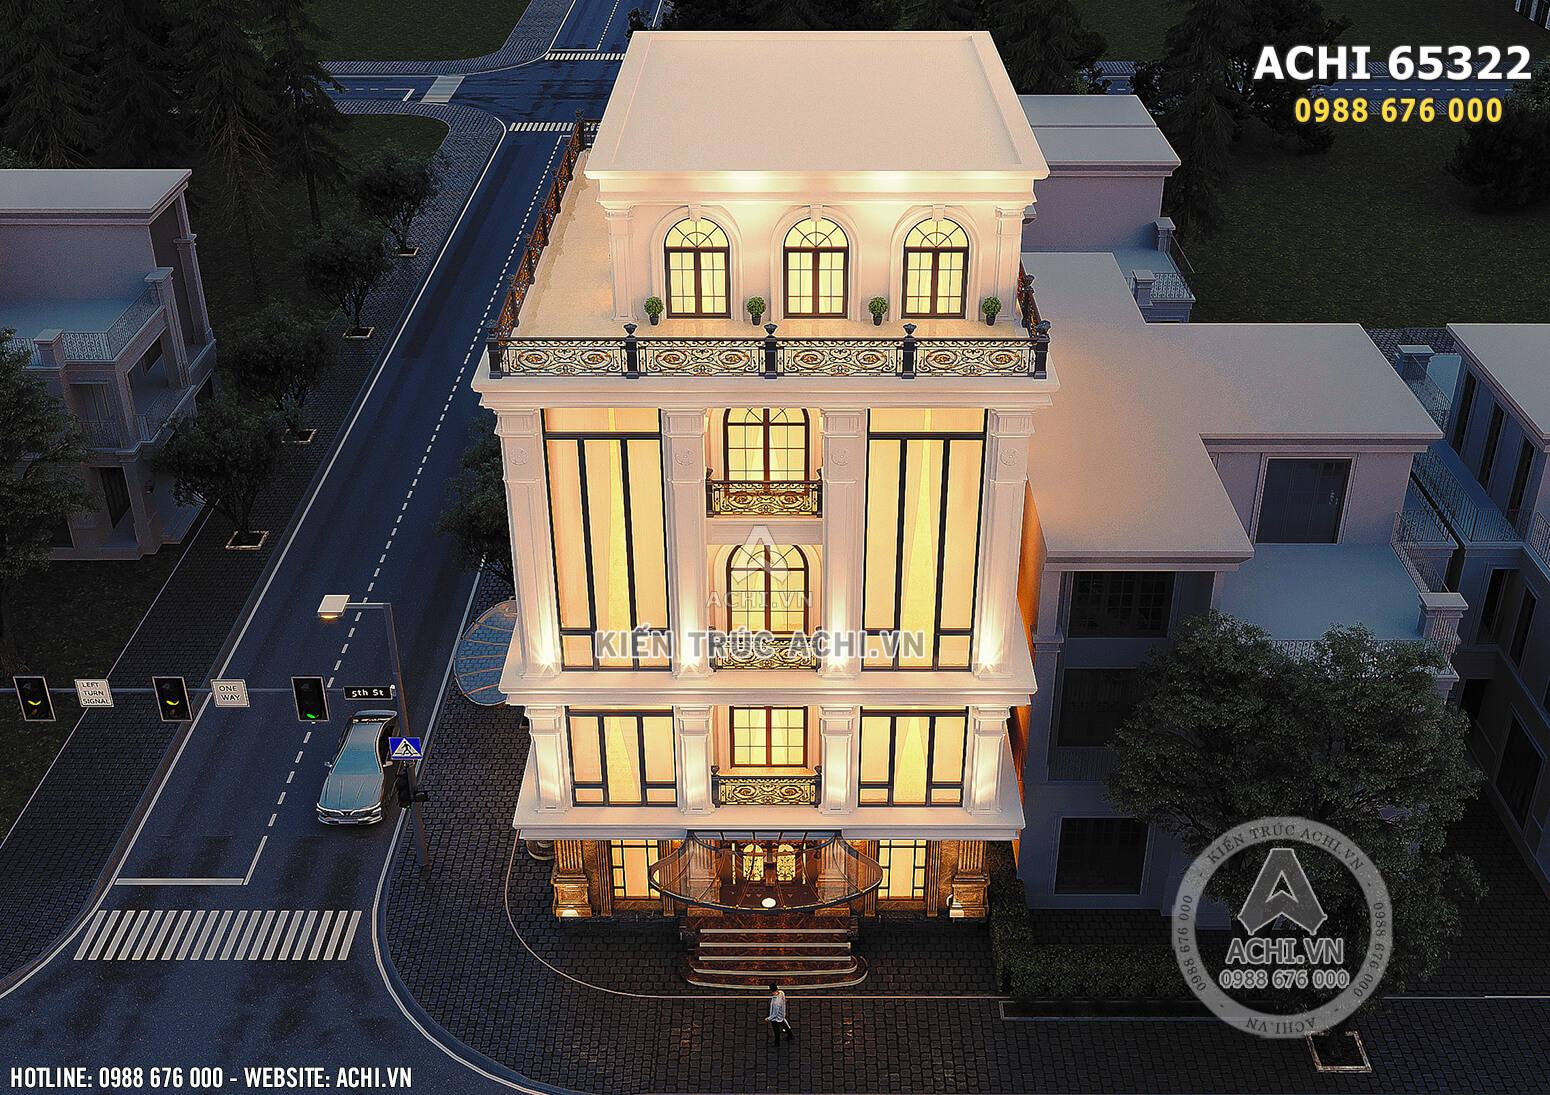 Hình ảnh: Tòa nhà văn phòng được sử dụng chất liệu kính để tạo nên sự thông thoáng